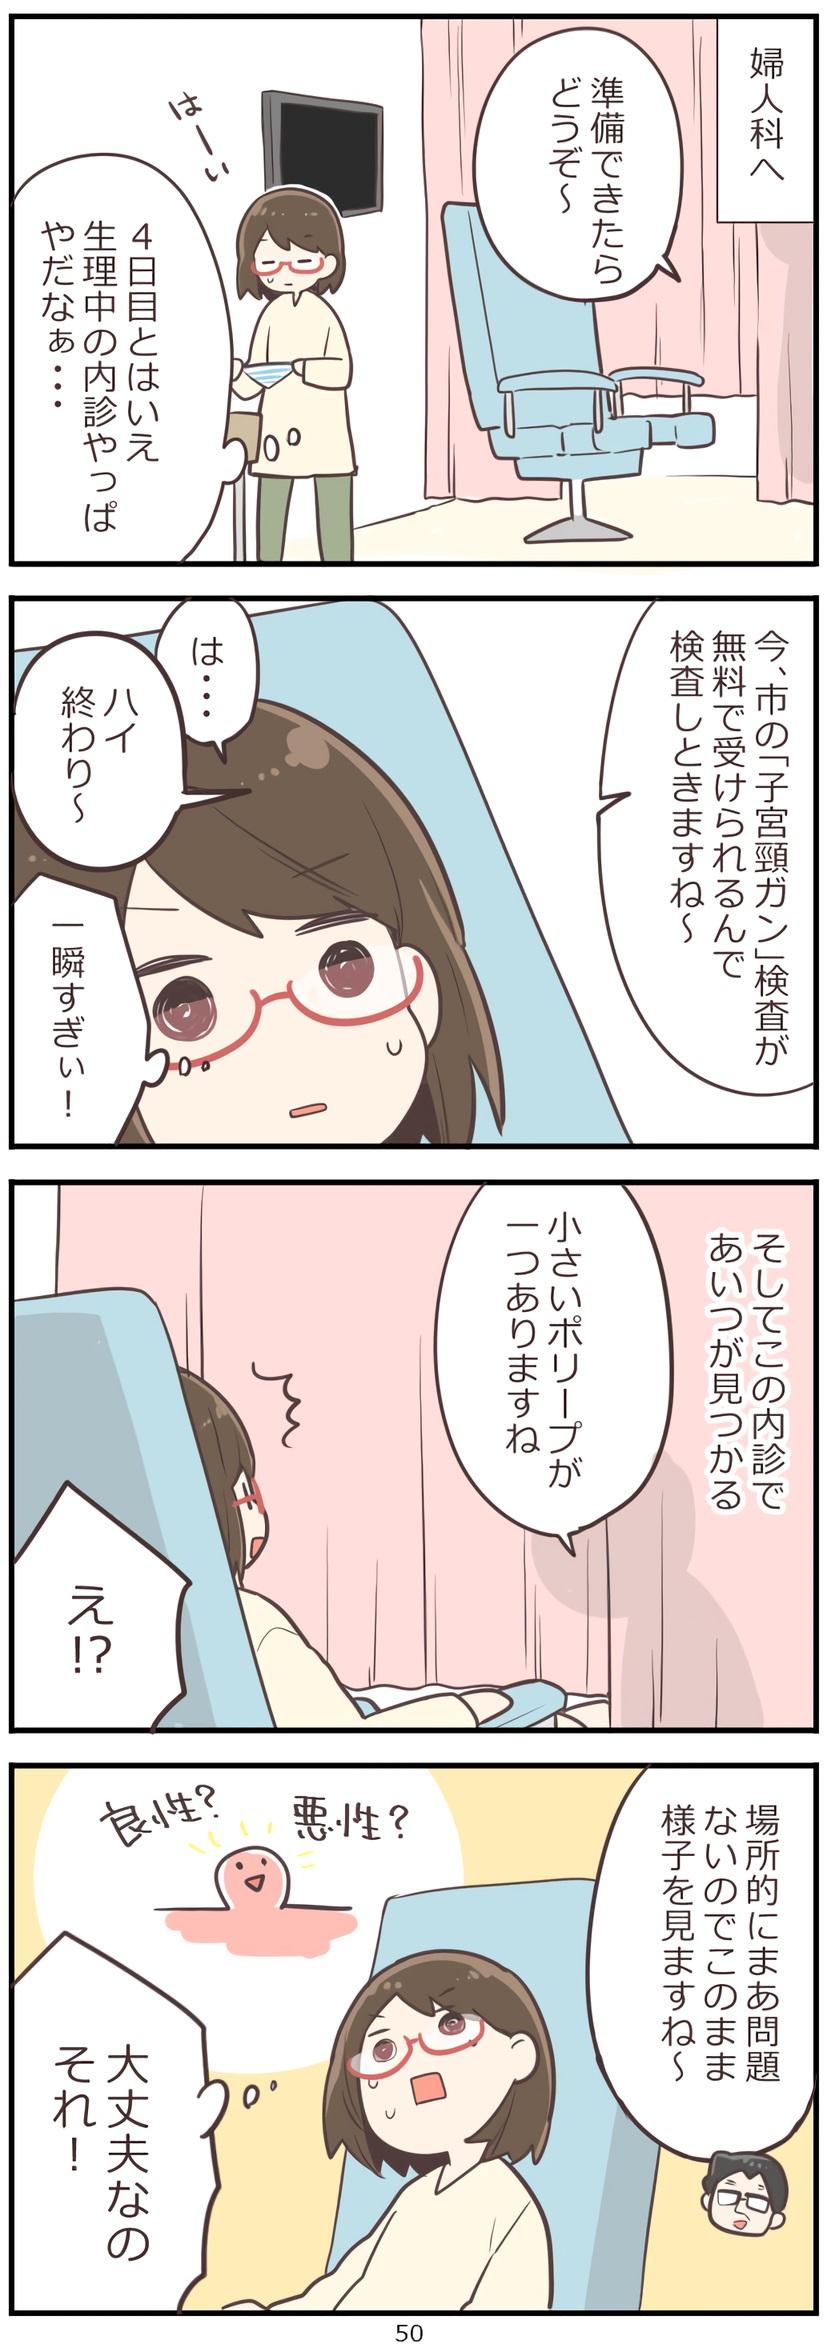 「妊活レベル1 まっふの冒険記」第50話